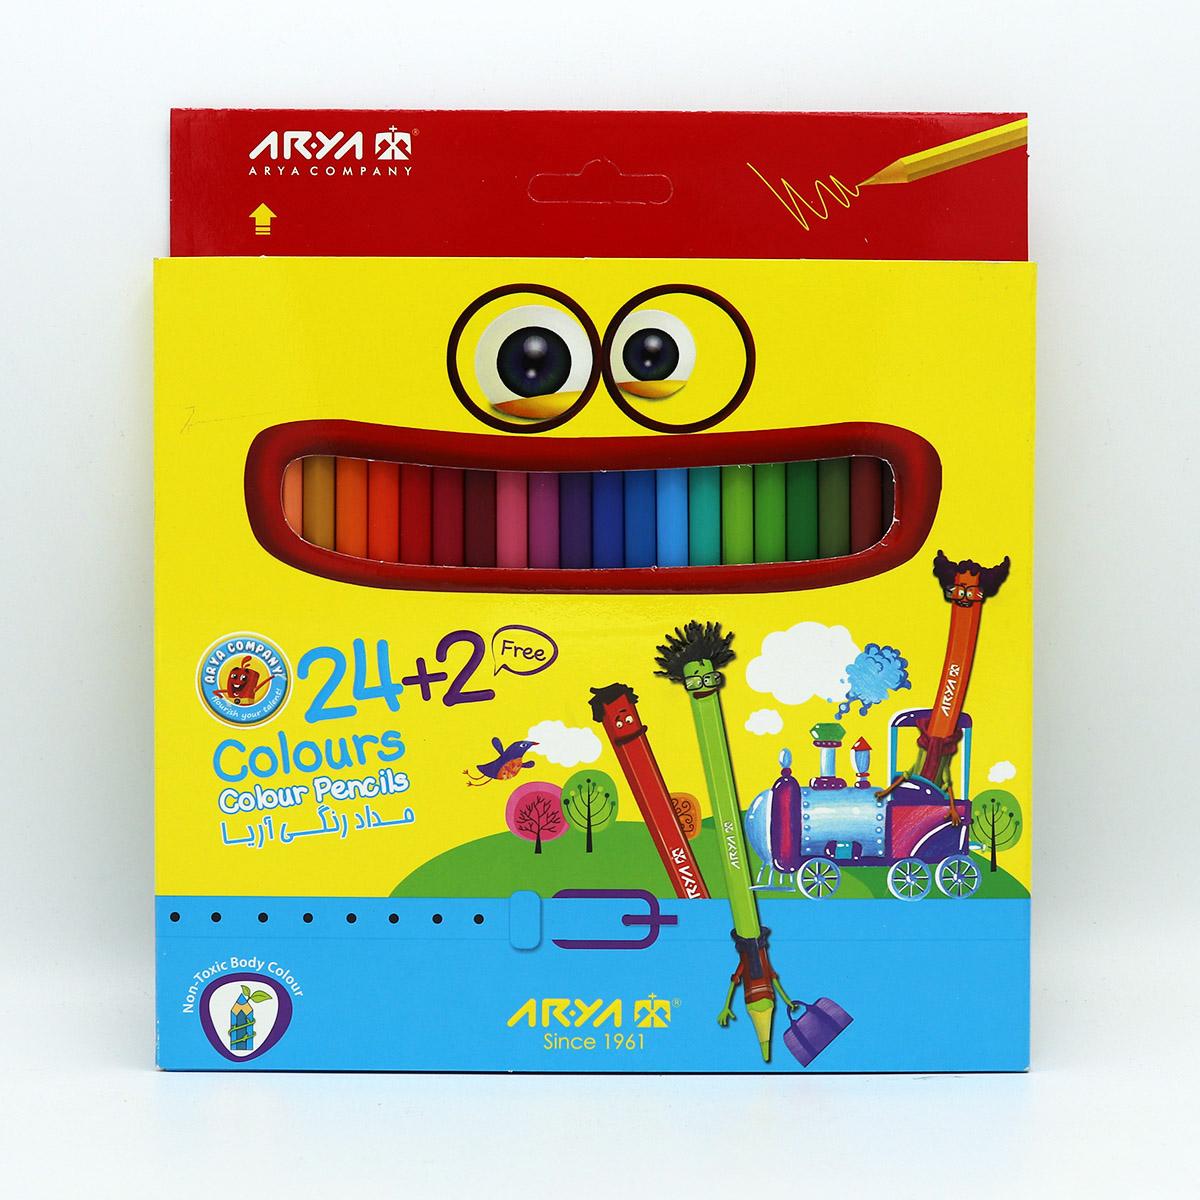 مداد رنگي 24+2 آريا